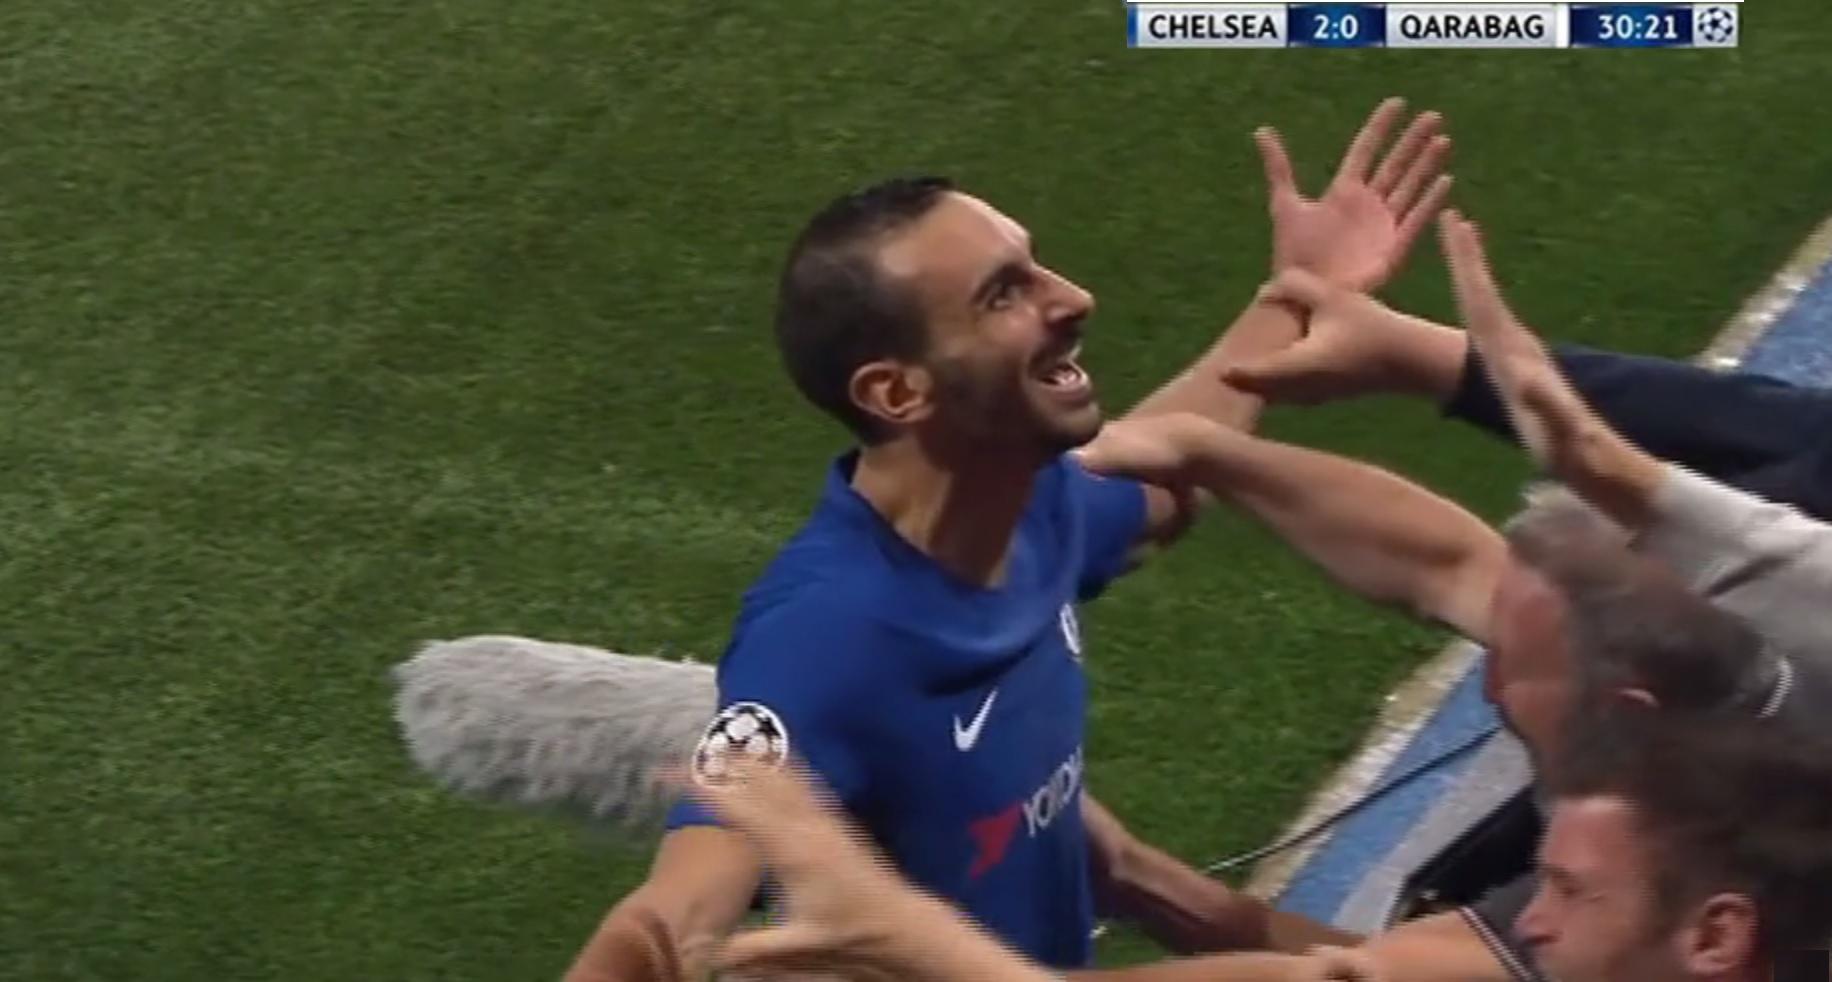 Champions, stravincono PSG e Chelsea. E Zappacosta segna… per sbaglio